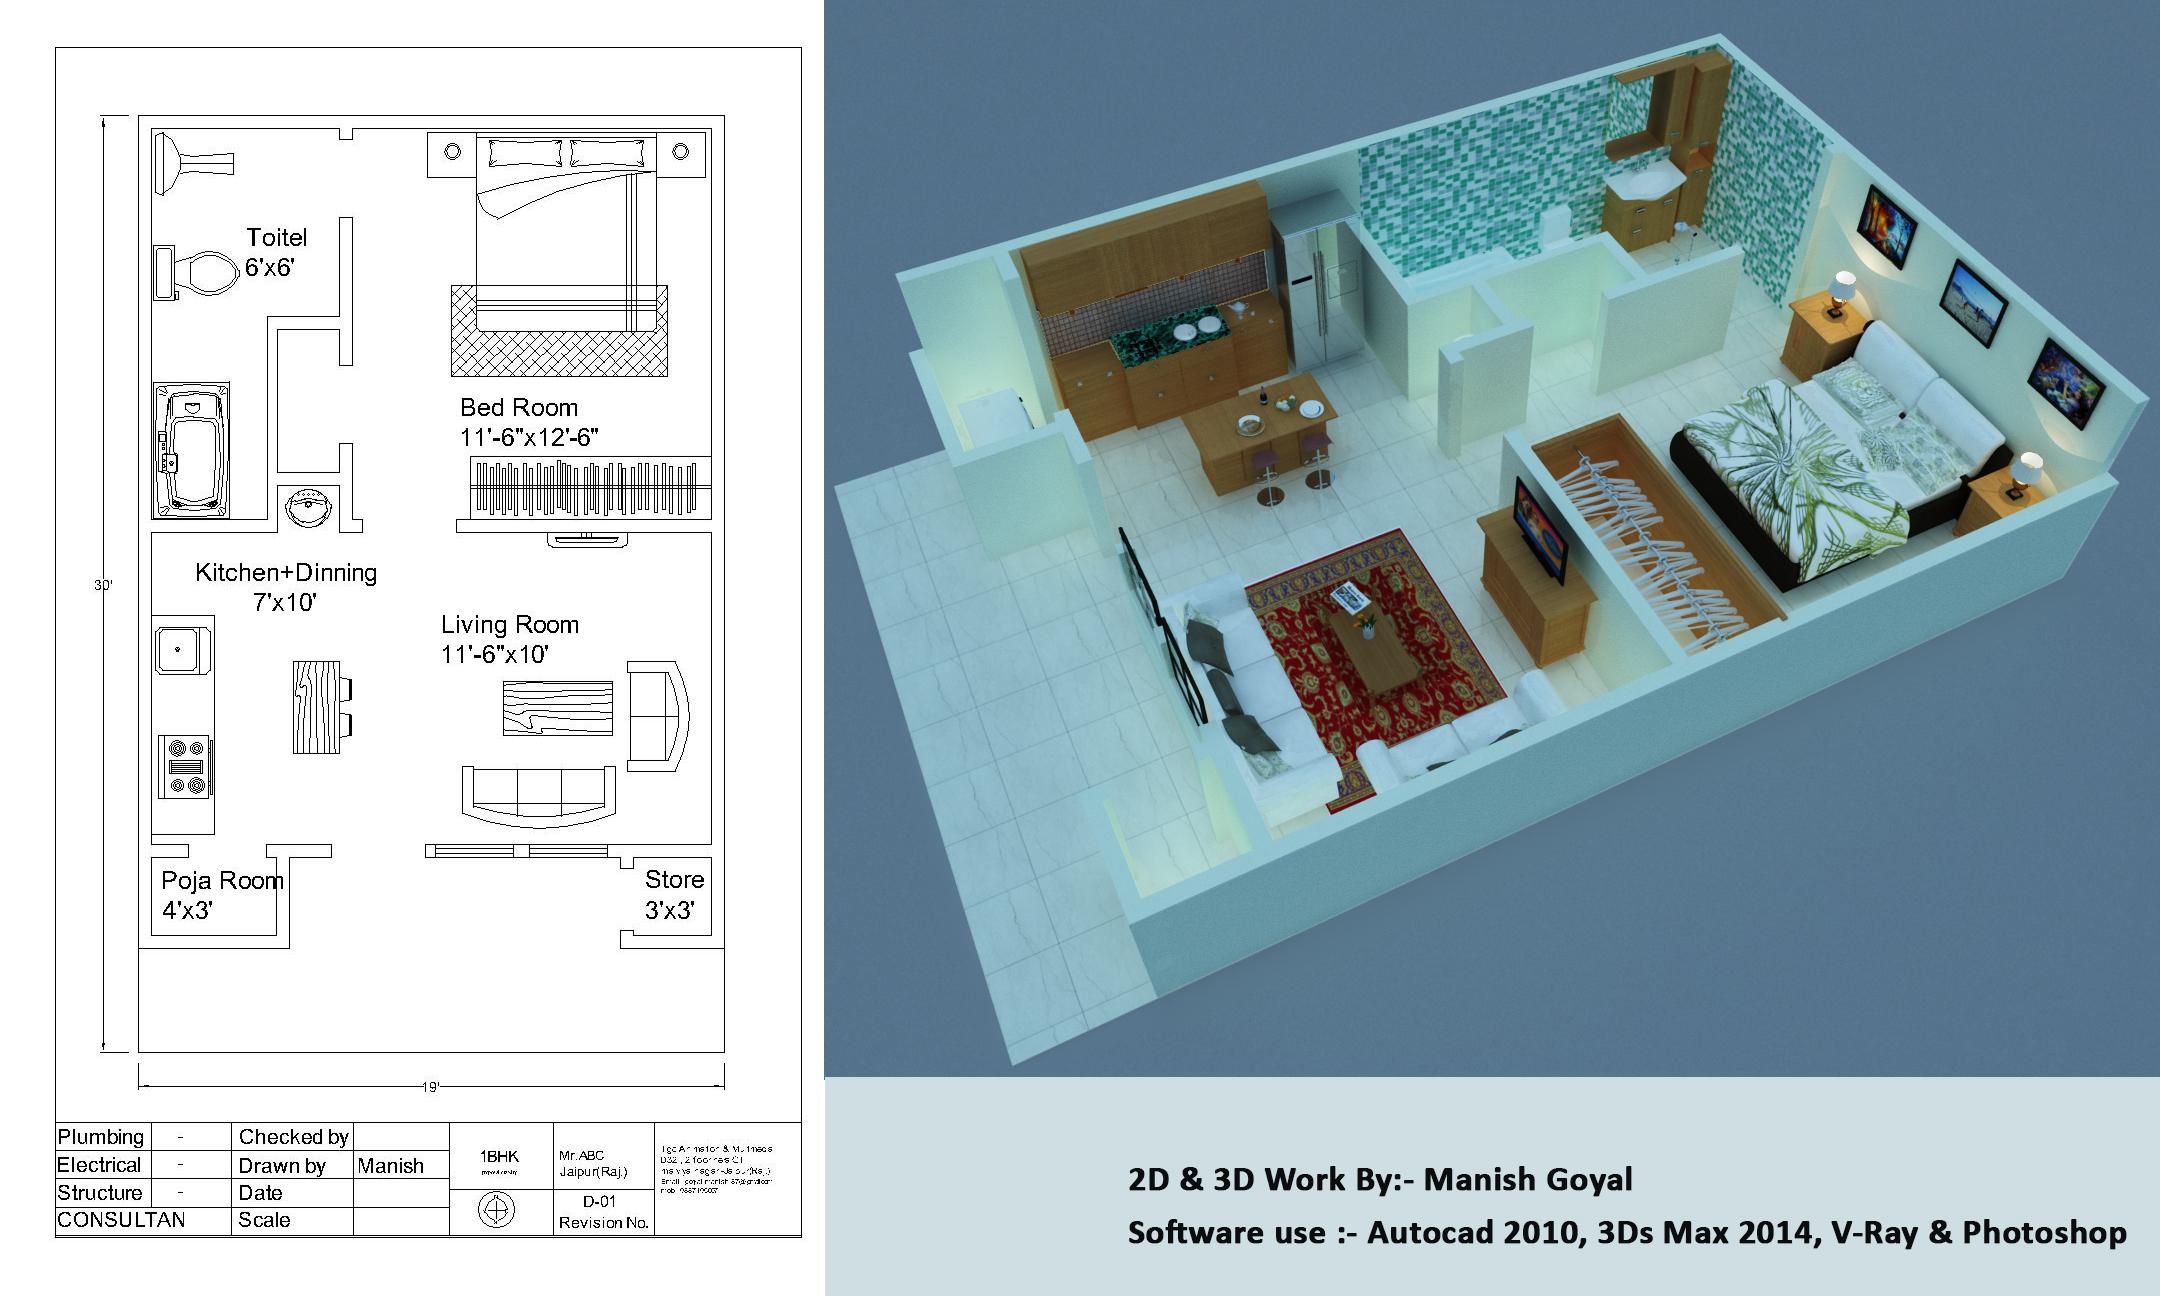 #5C432523668952 Work 3D Model A 2d & 3d Floor Plan Design By Using Software Auto  Meest recente 3d Plan Software 731 pic 21601296731 Ontwerp